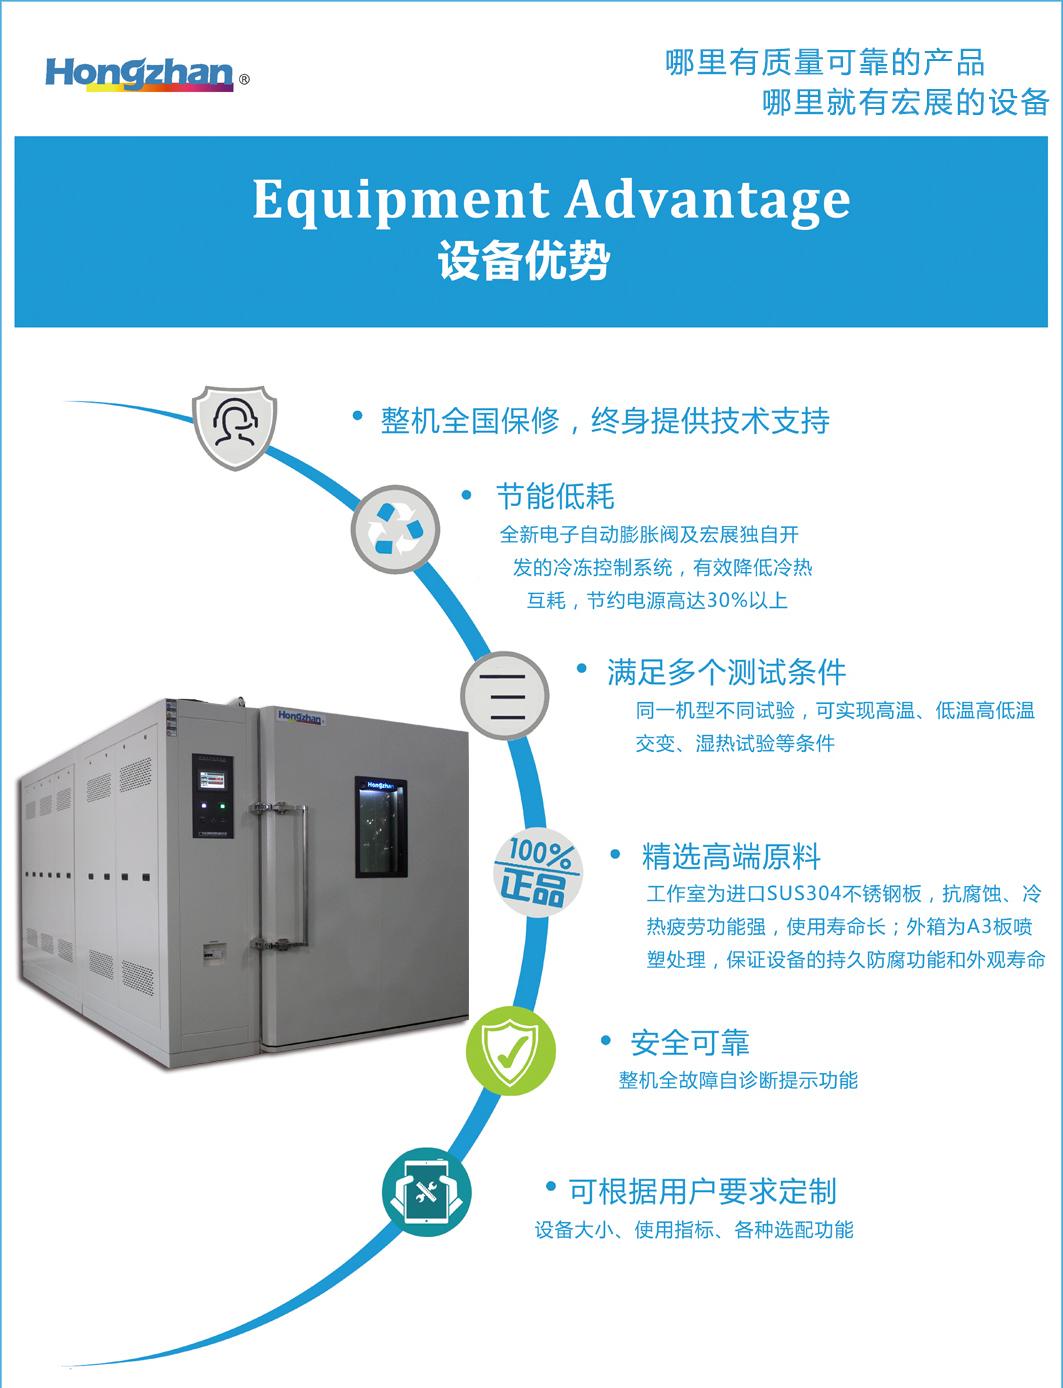 高溫高濕試驗箱,高溫高濕箱,恒溫恒濕機技術優勢:節能低耗、滿足多個測試條件、零配件精選優異原料、全自動控制與保護協調系統、可根據用戶需求定制等